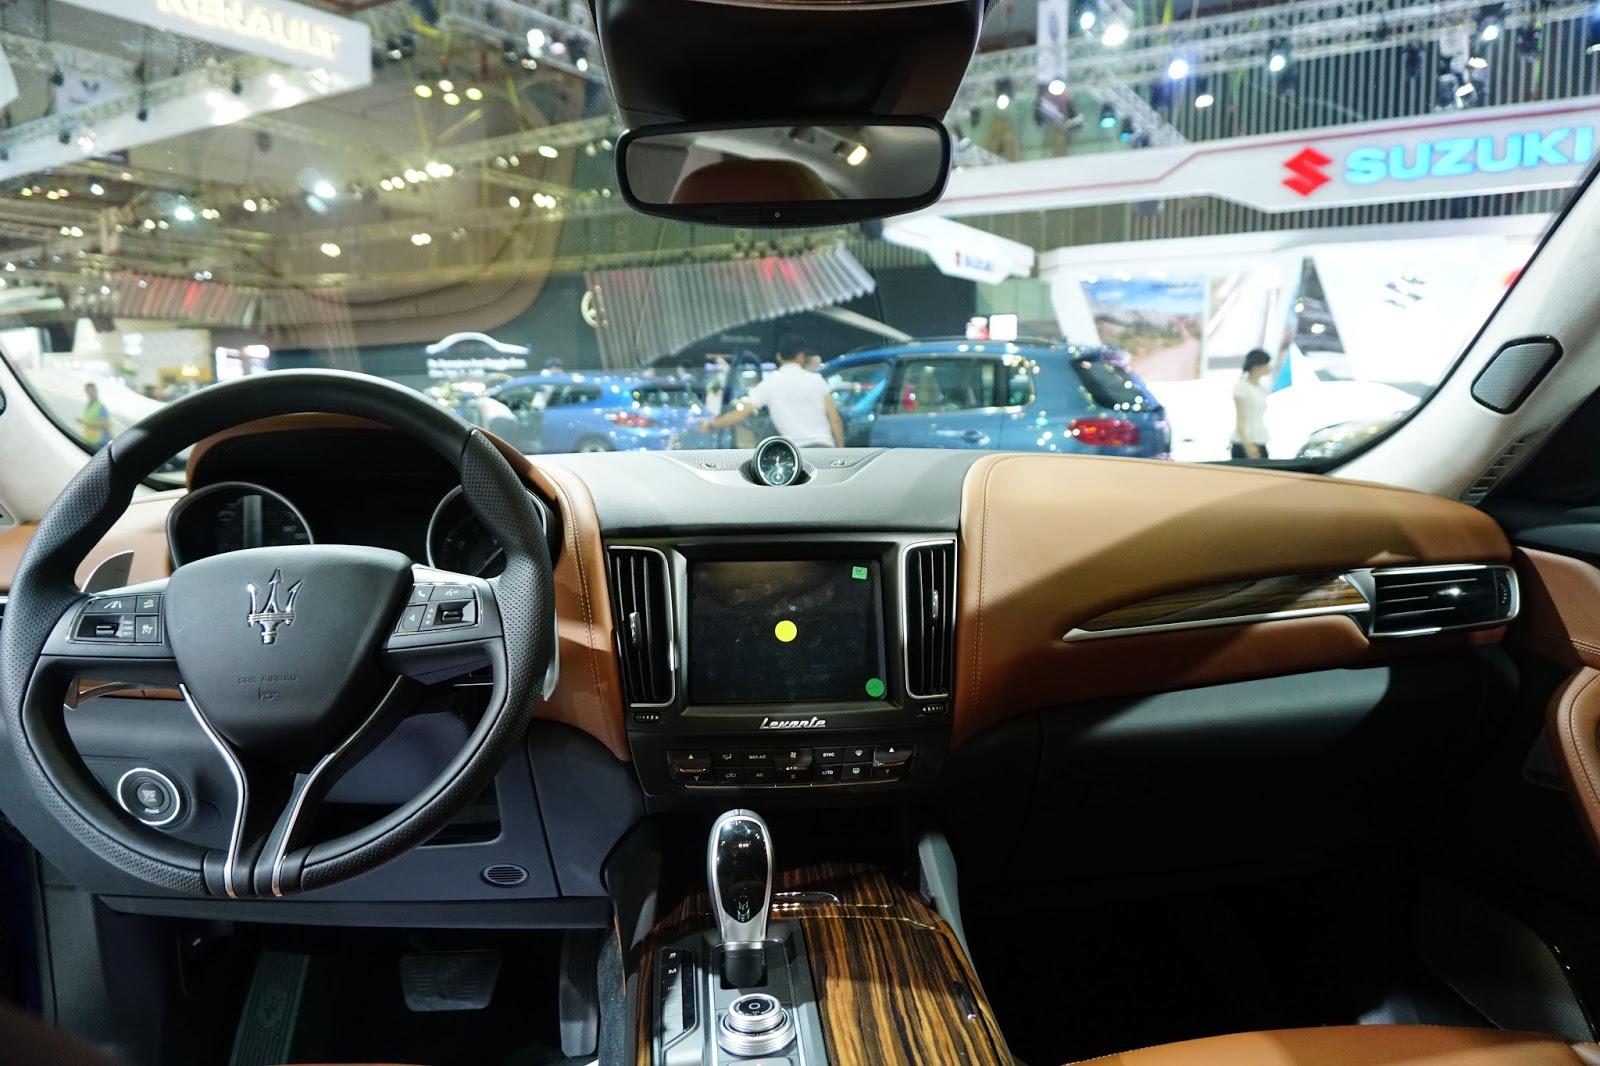 Rất nhiều tính năng an toàn, thông minh được trang bị trên xe